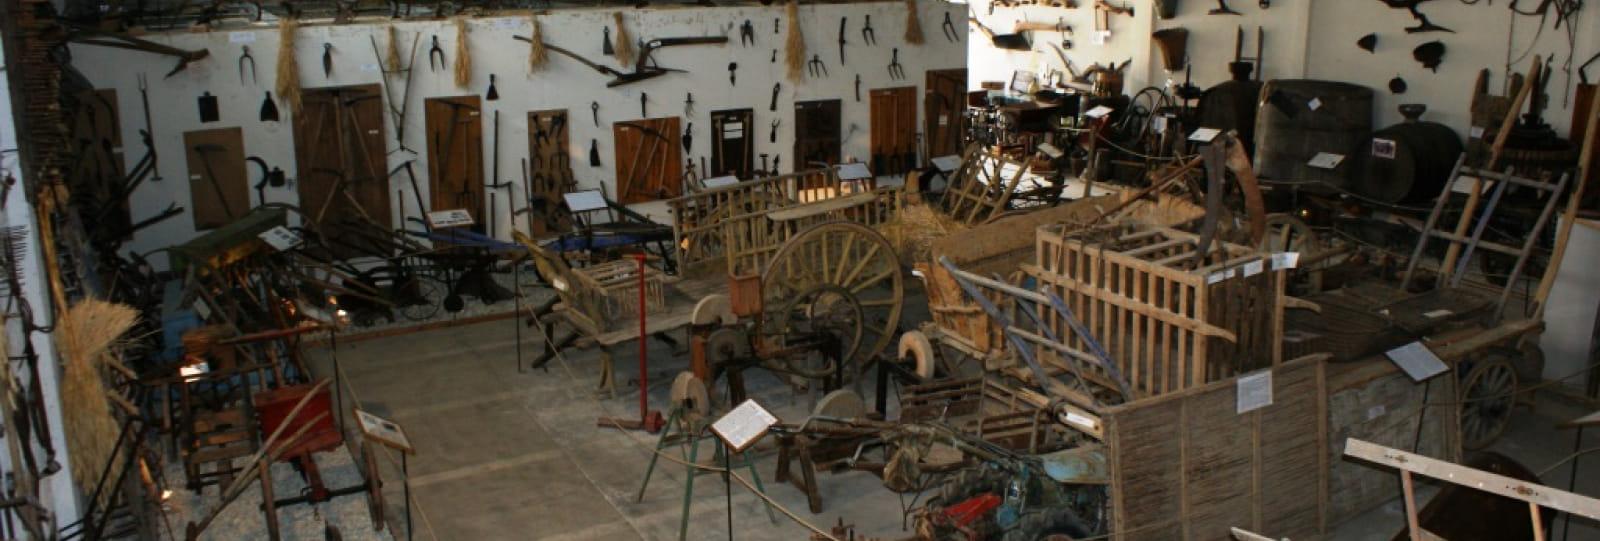 Exposition - Mémoire Agricole du Pays de Grignan